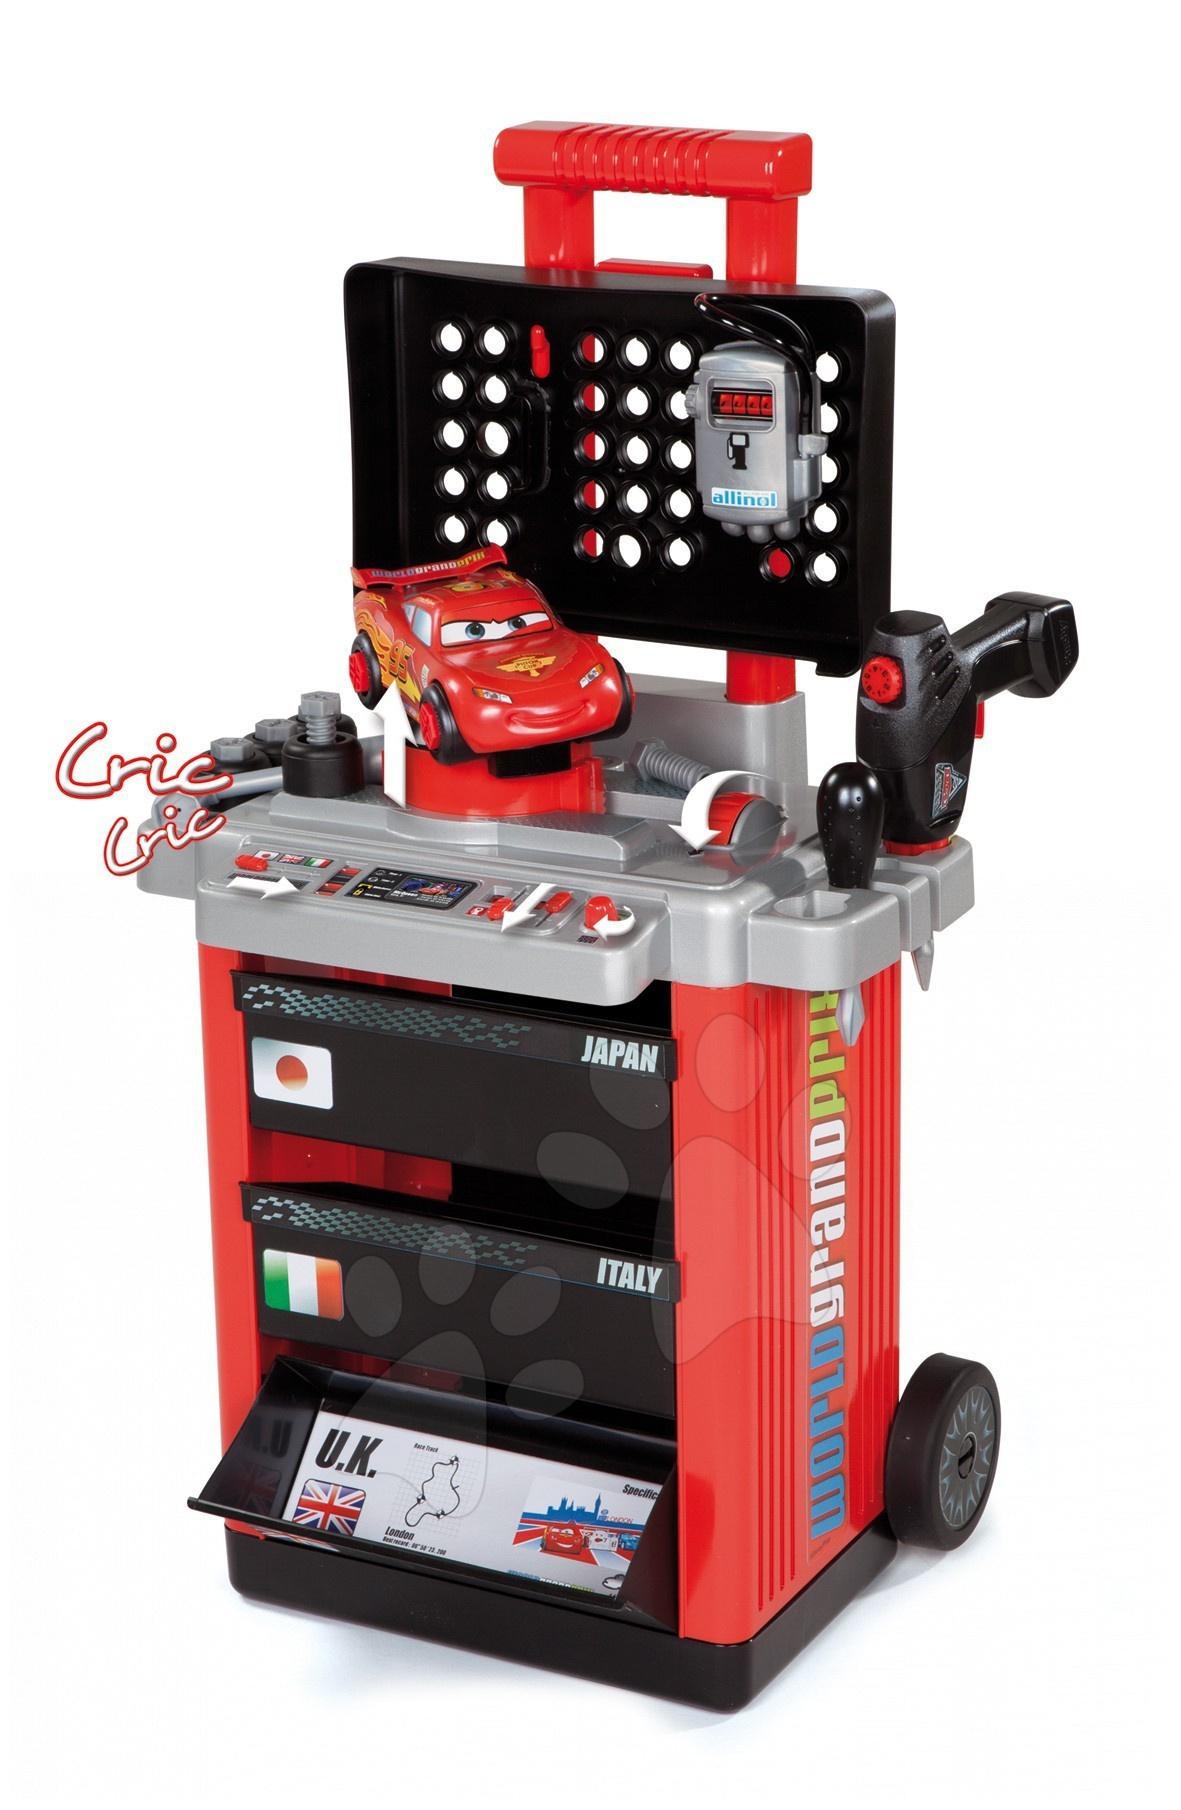 Dětský pracovní vozík Auta 2 Pit Stop Smoby s mechanickou vrtačkou, autem McQueen a 25 doplňky